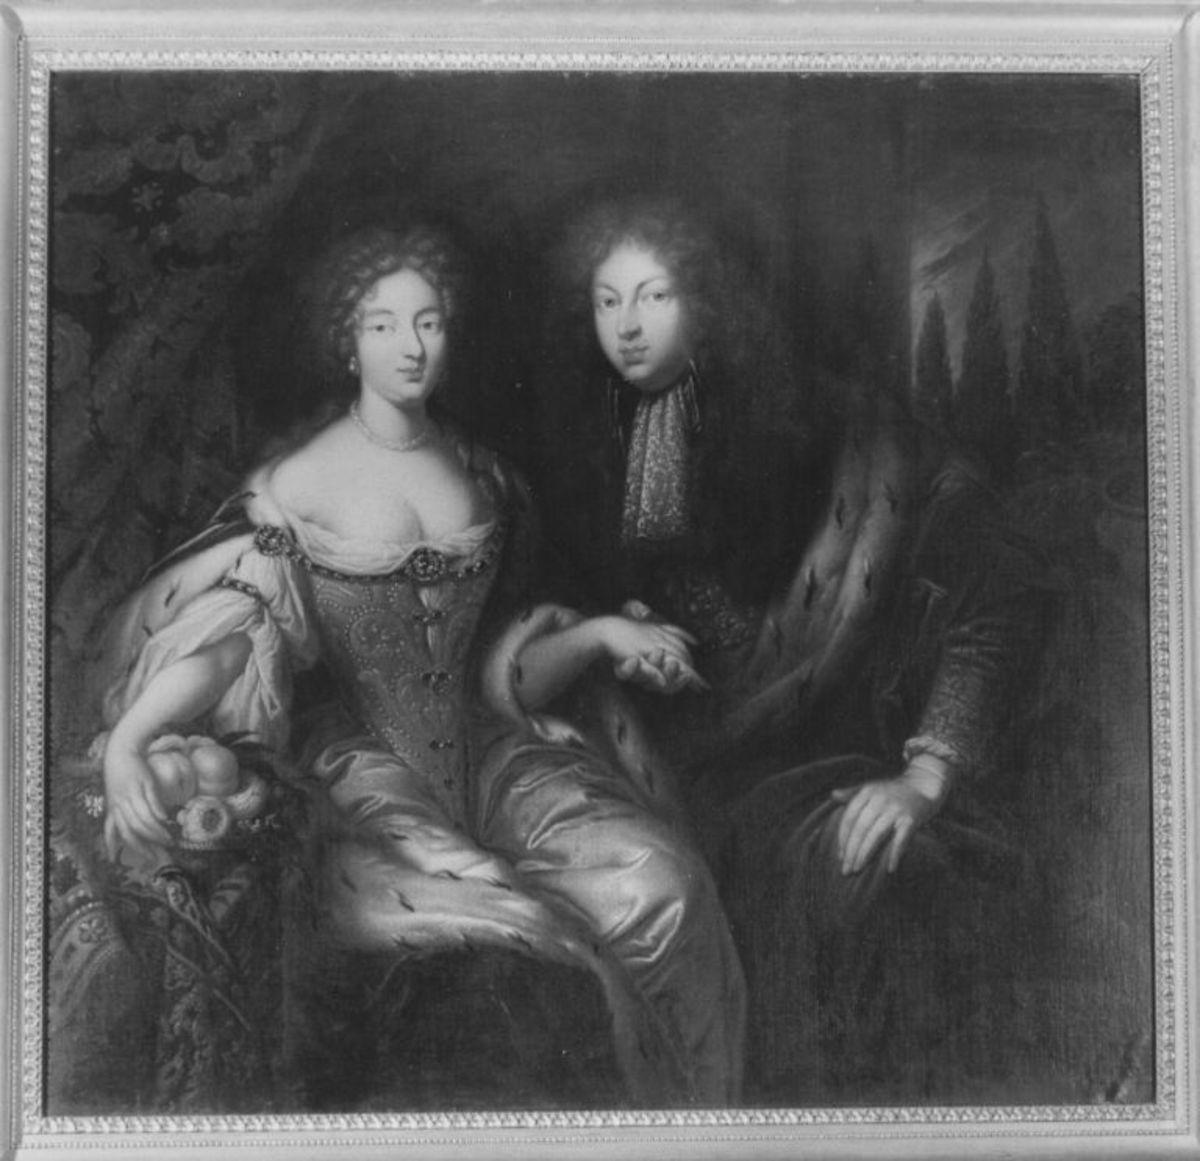 Markgraf Johann Friedrich von Brandenburg-Ansbach und seine Braut Eleonore Erdmuthe Luise von Sachsen-Eisenach